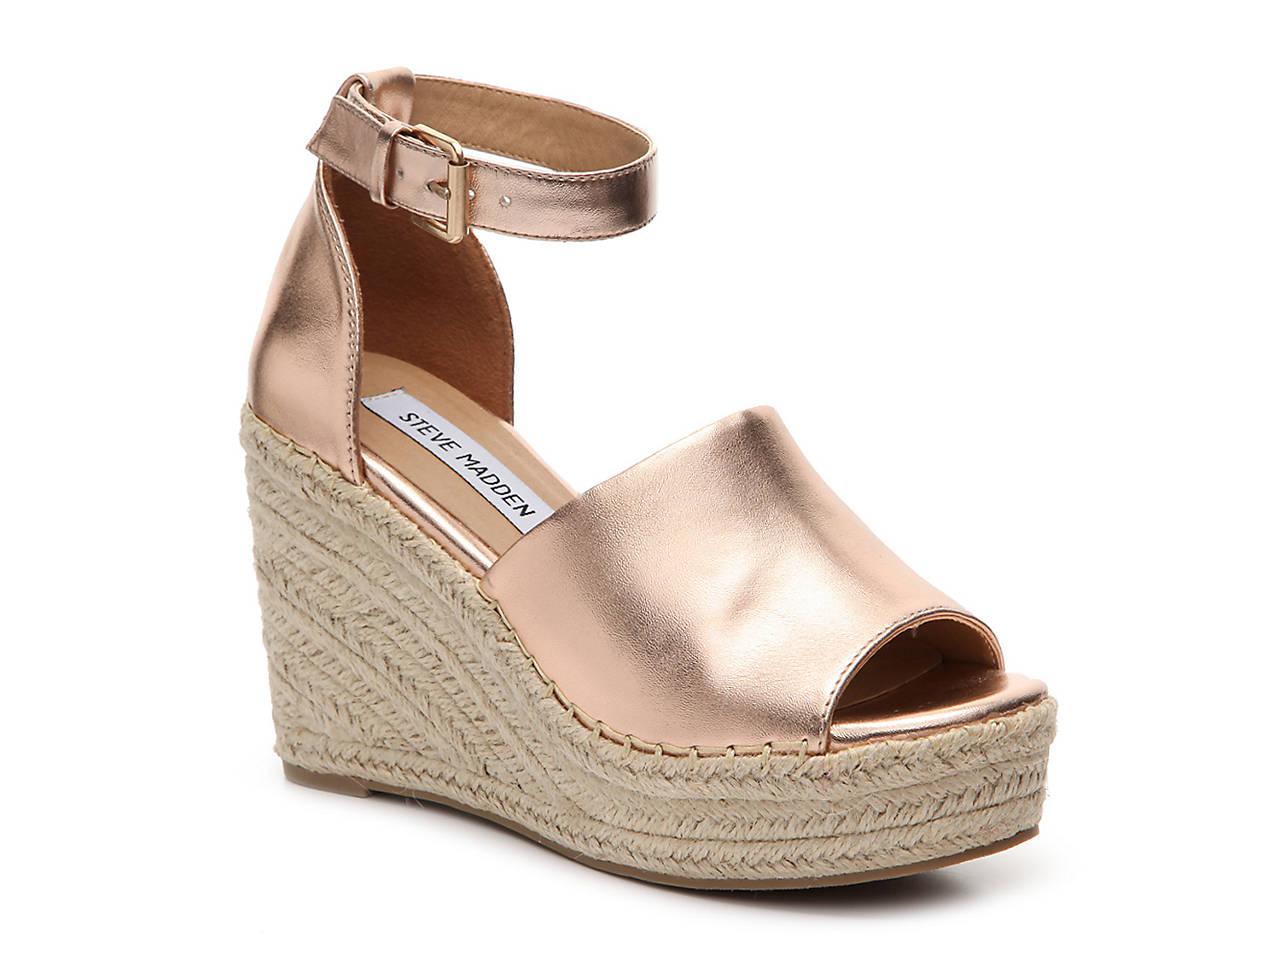 Black sandals at dsw - Jaylen Wedge Sandal